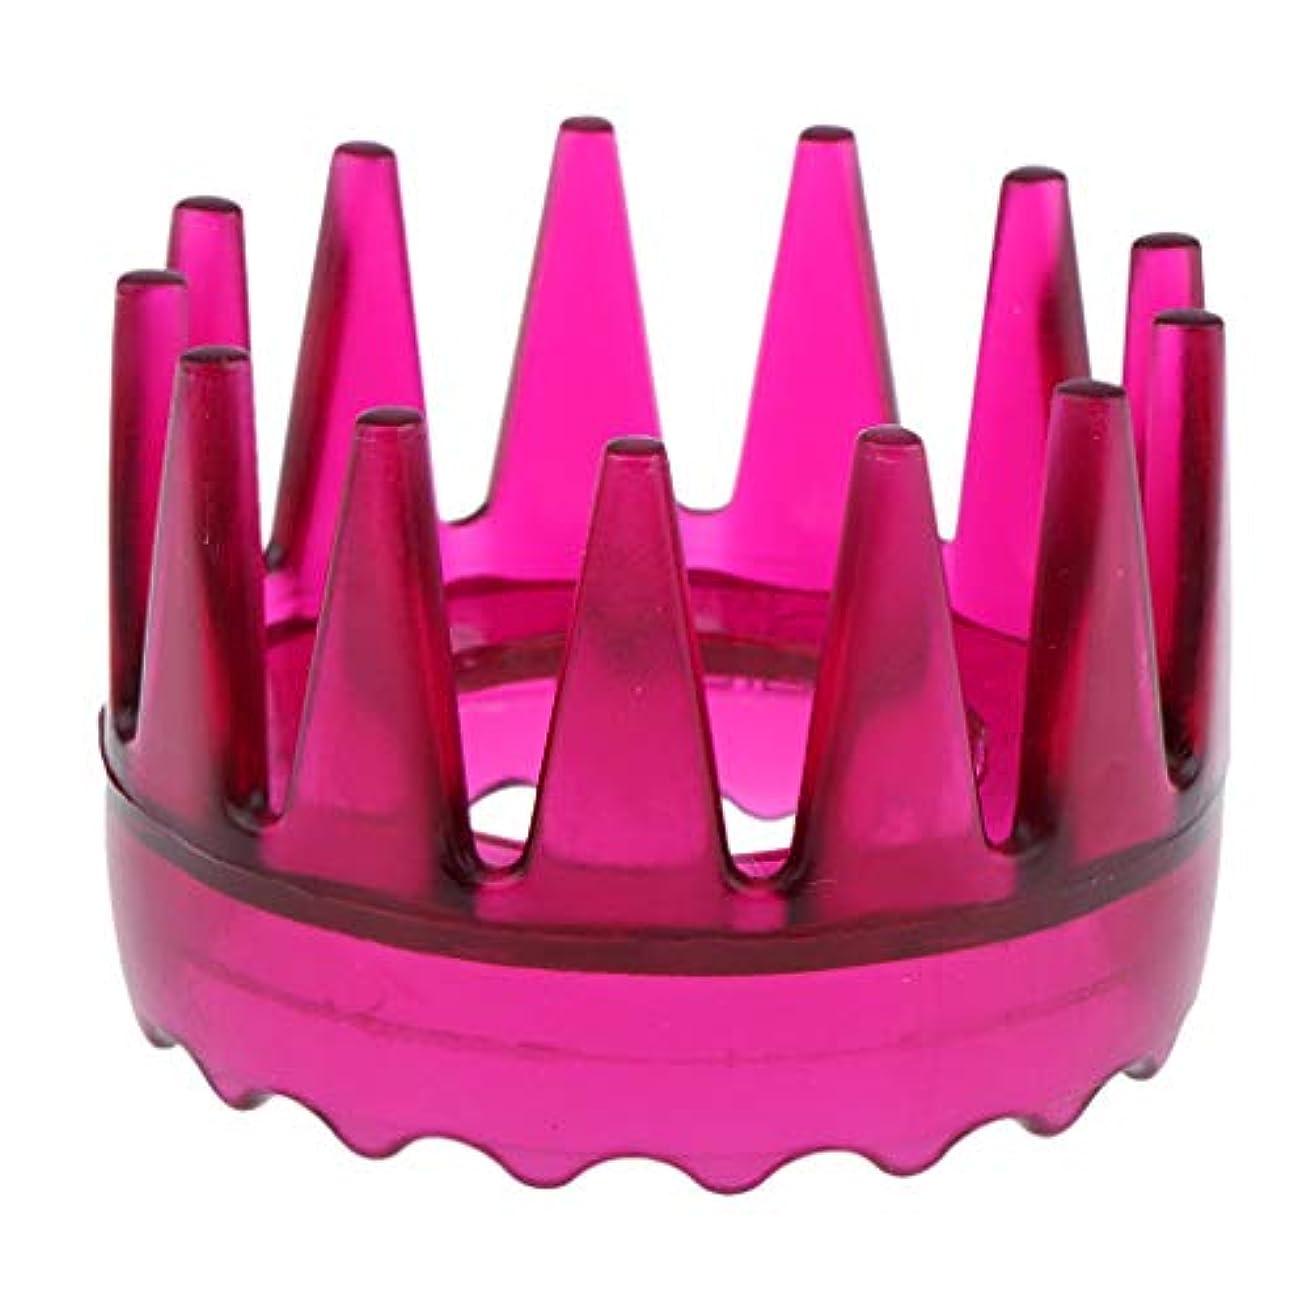 デクリメント買う工業用Sharplace 頭皮マッサージ 櫛 シャワー シャンプー ヘアブラシ 4色選べ - ローズレッド